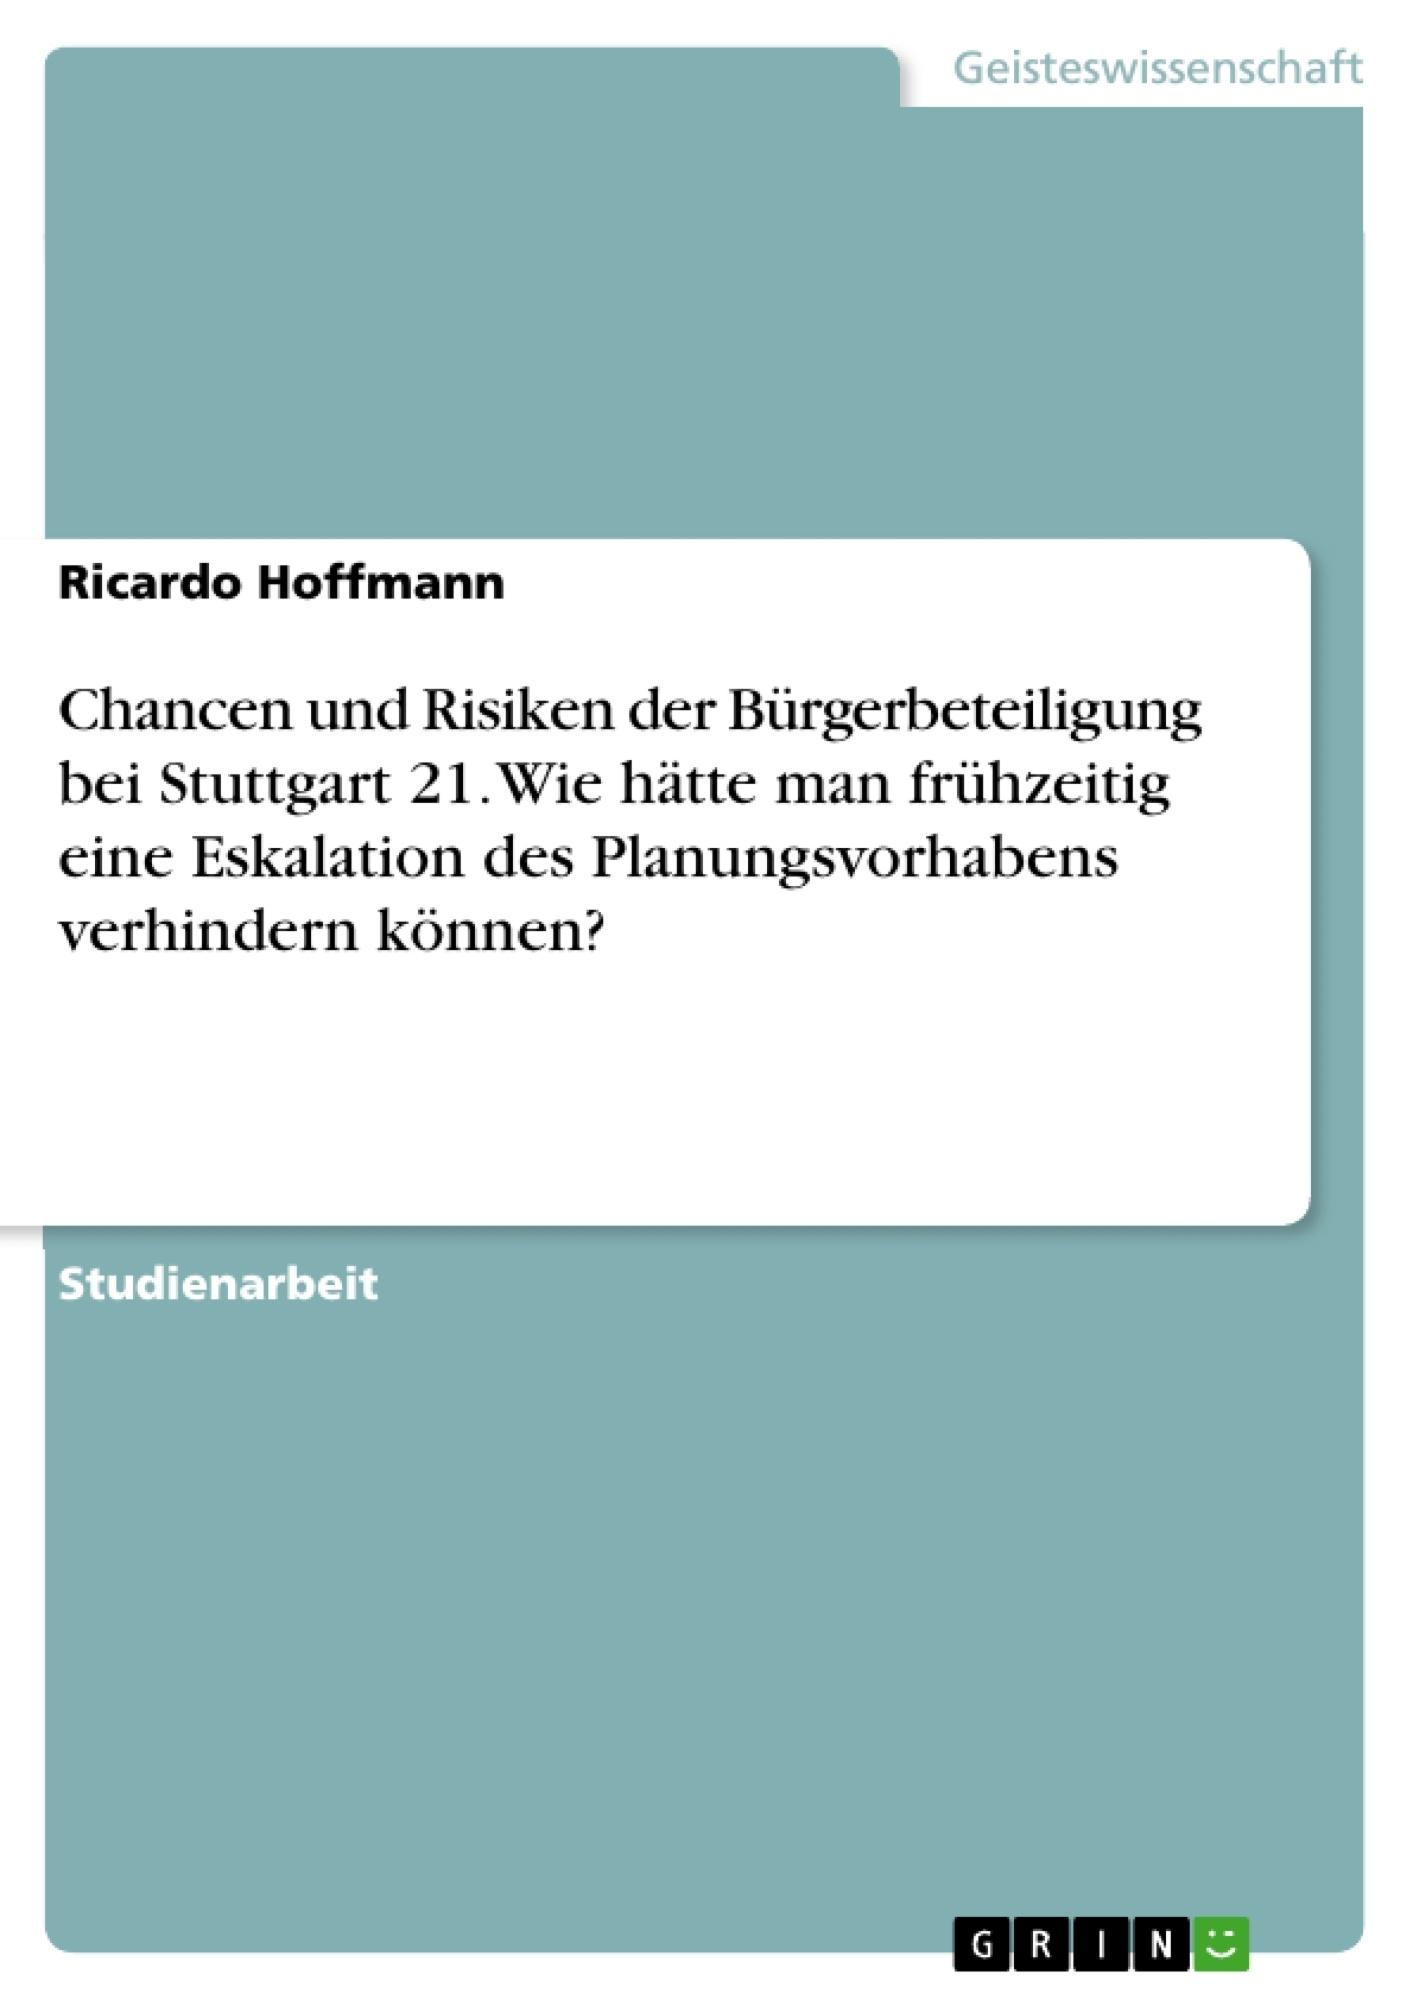 Titel: Chancen und Risiken der Bürgerbeteiligung bei Stuttgart 21. Wie hätte man frühzeitig eine Eskalation des Planungsvorhabens verhindern können?